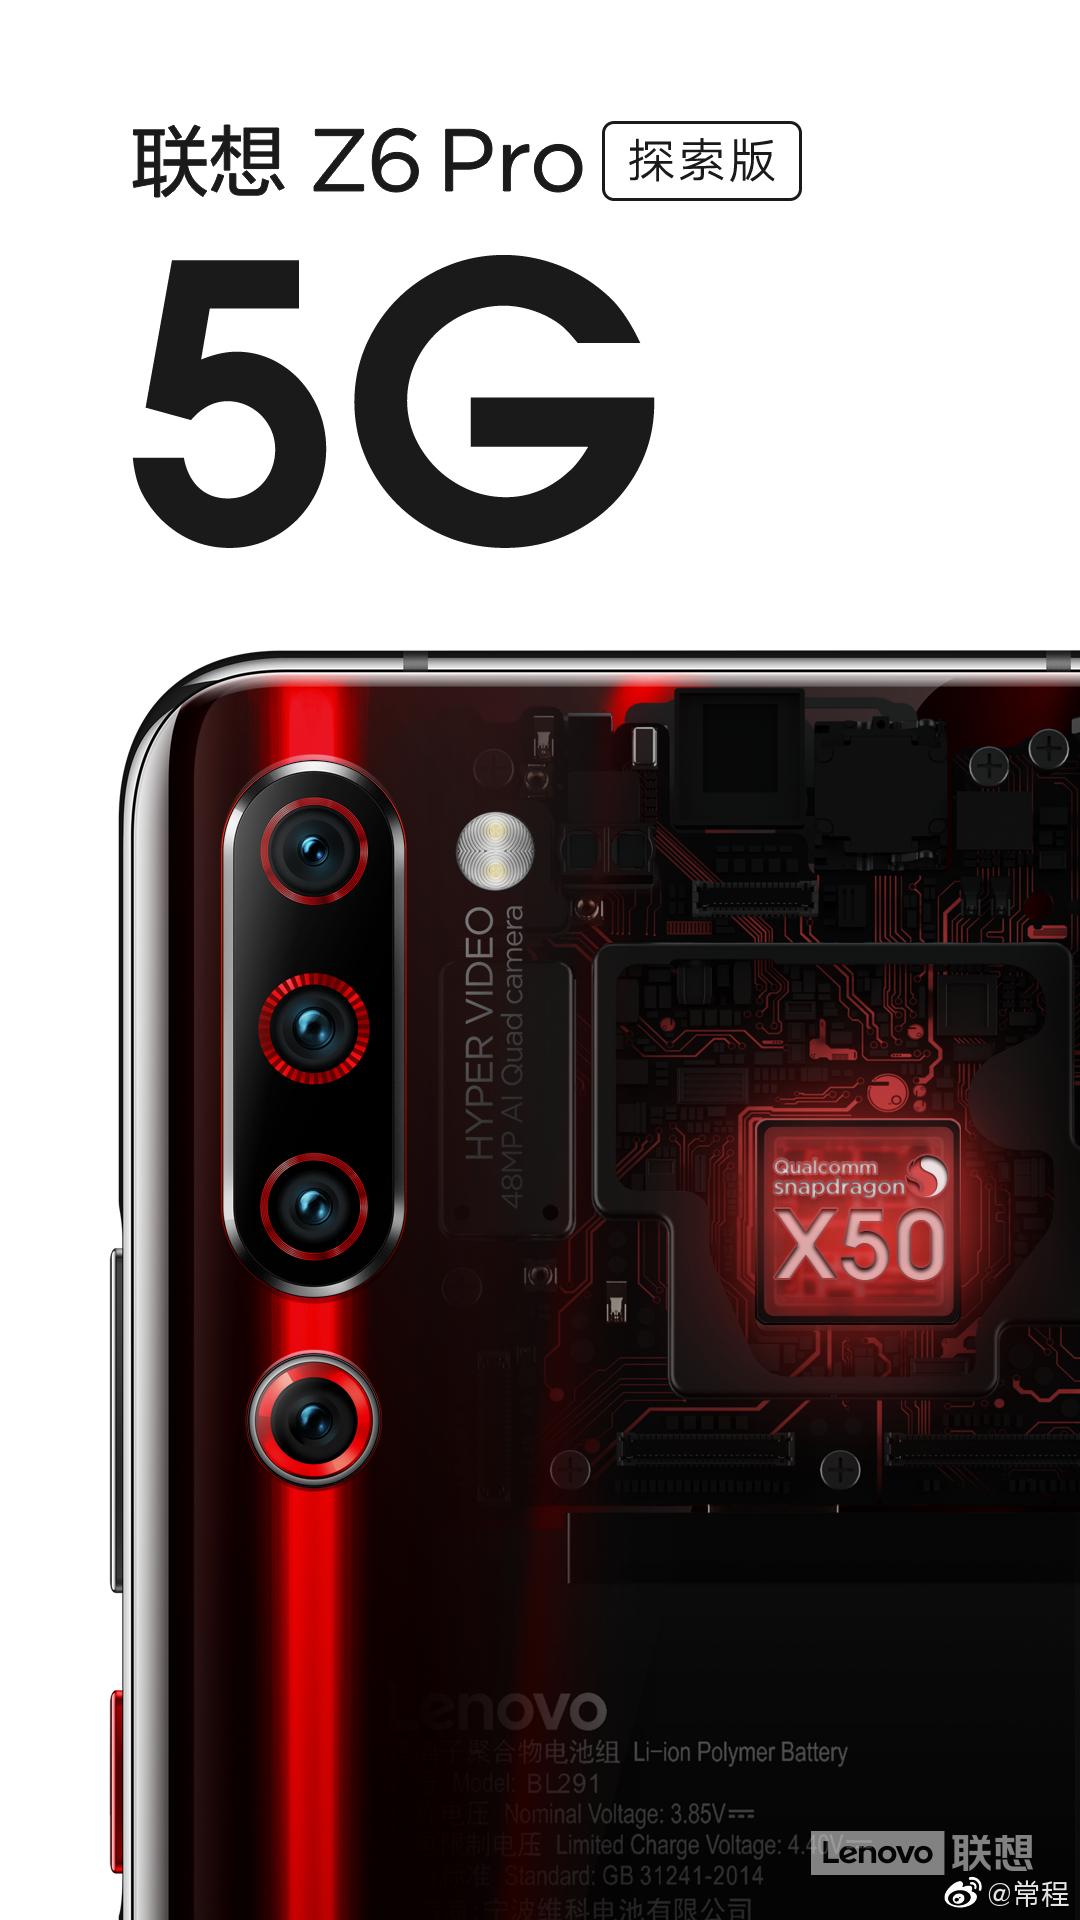 Lenovo Z6 Pro Discovery Edition 5G cena opinie specyfikacja techniczna gdzie kupić najtaniej w Polsce